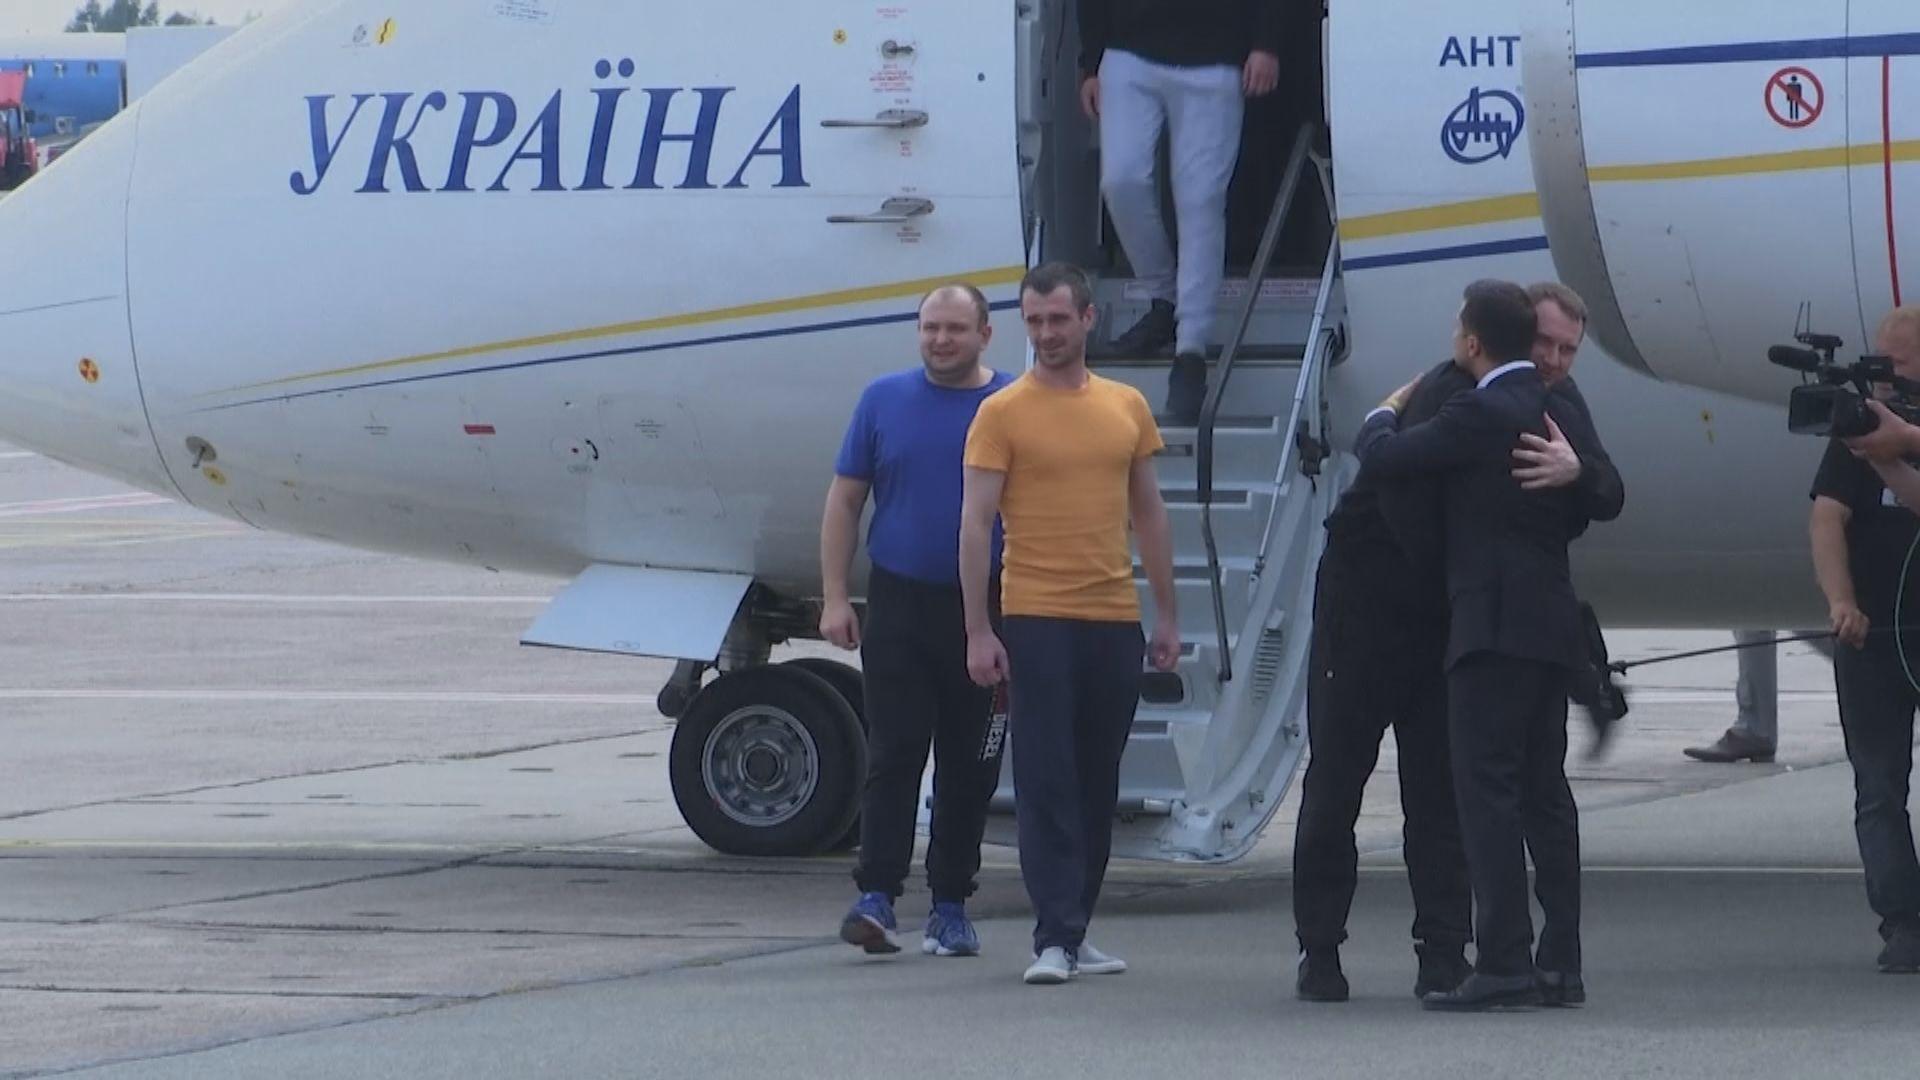 俄羅斯和烏克蘭交換七十名囚犯